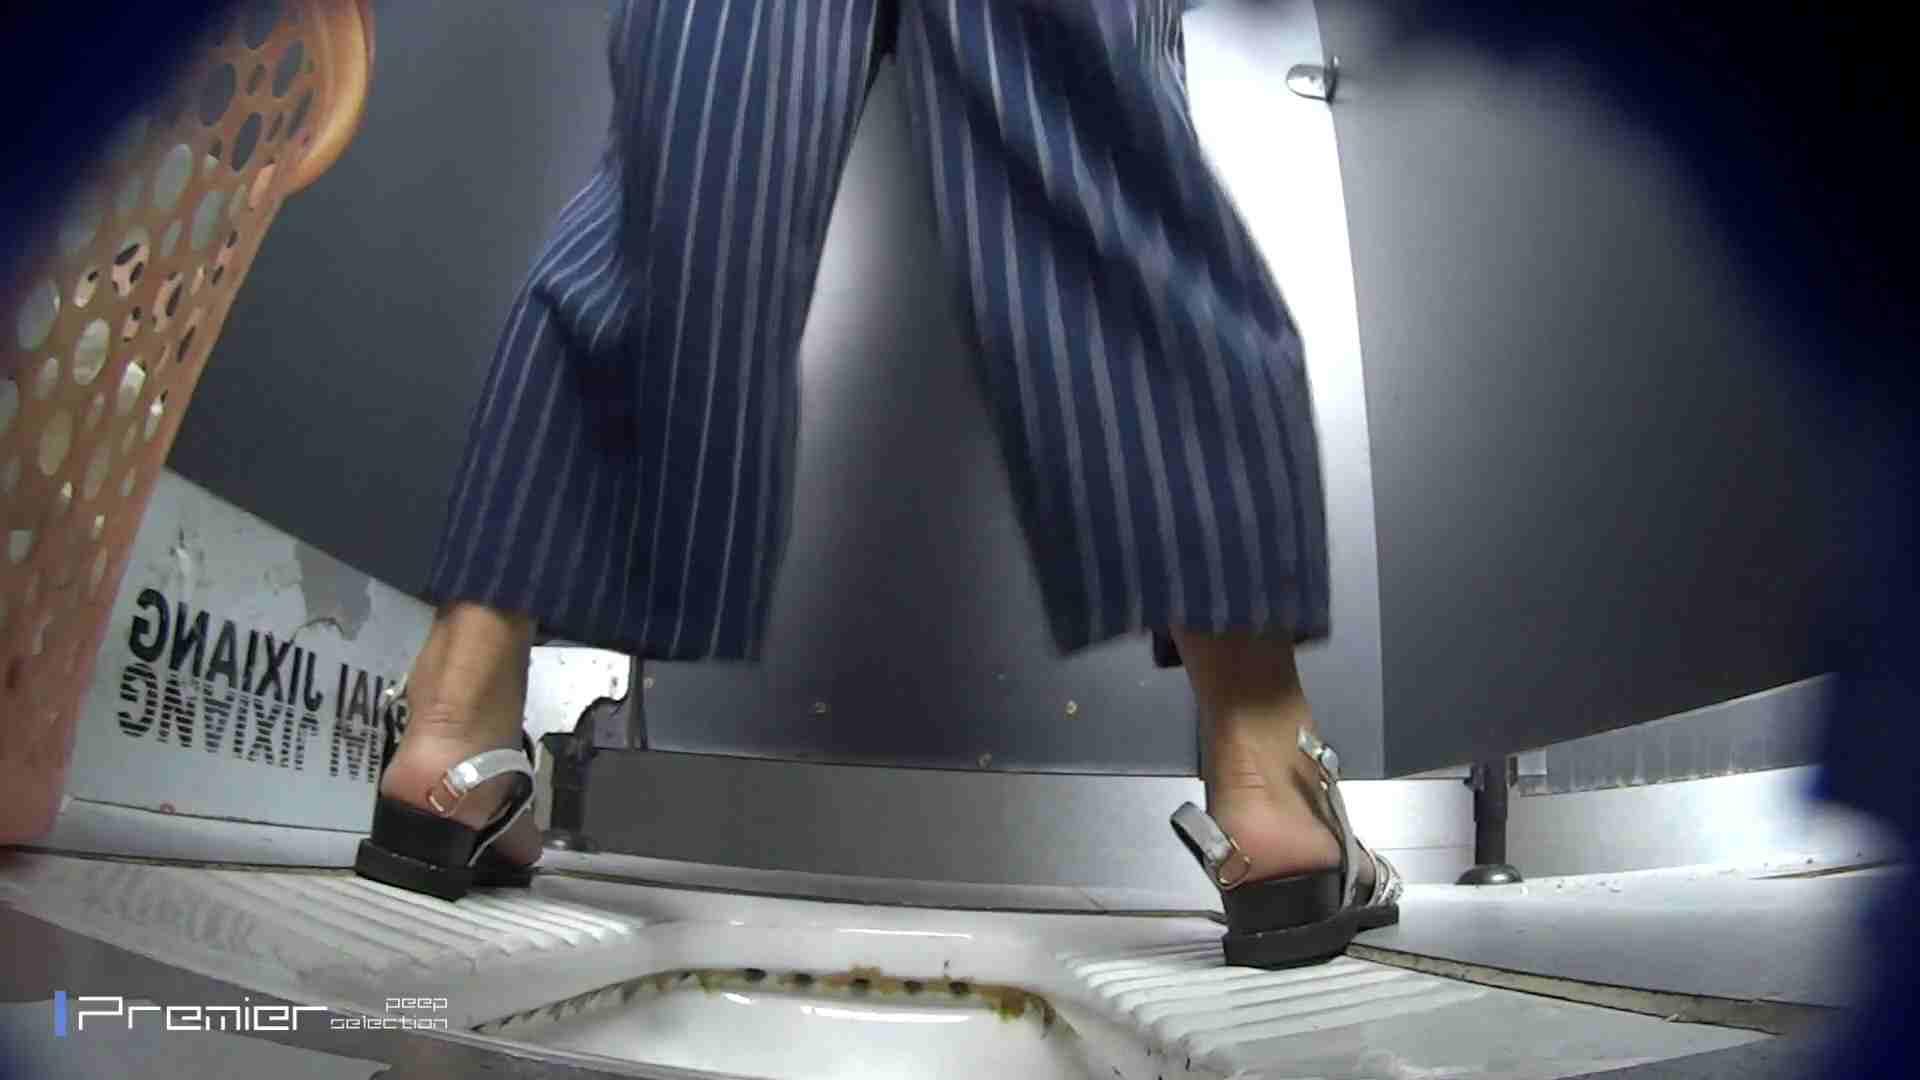 びゅーっと!オシッコ放出 大学休憩時間の洗面所事情47 盗撮 セックス無修正動画無料 103PIX 39